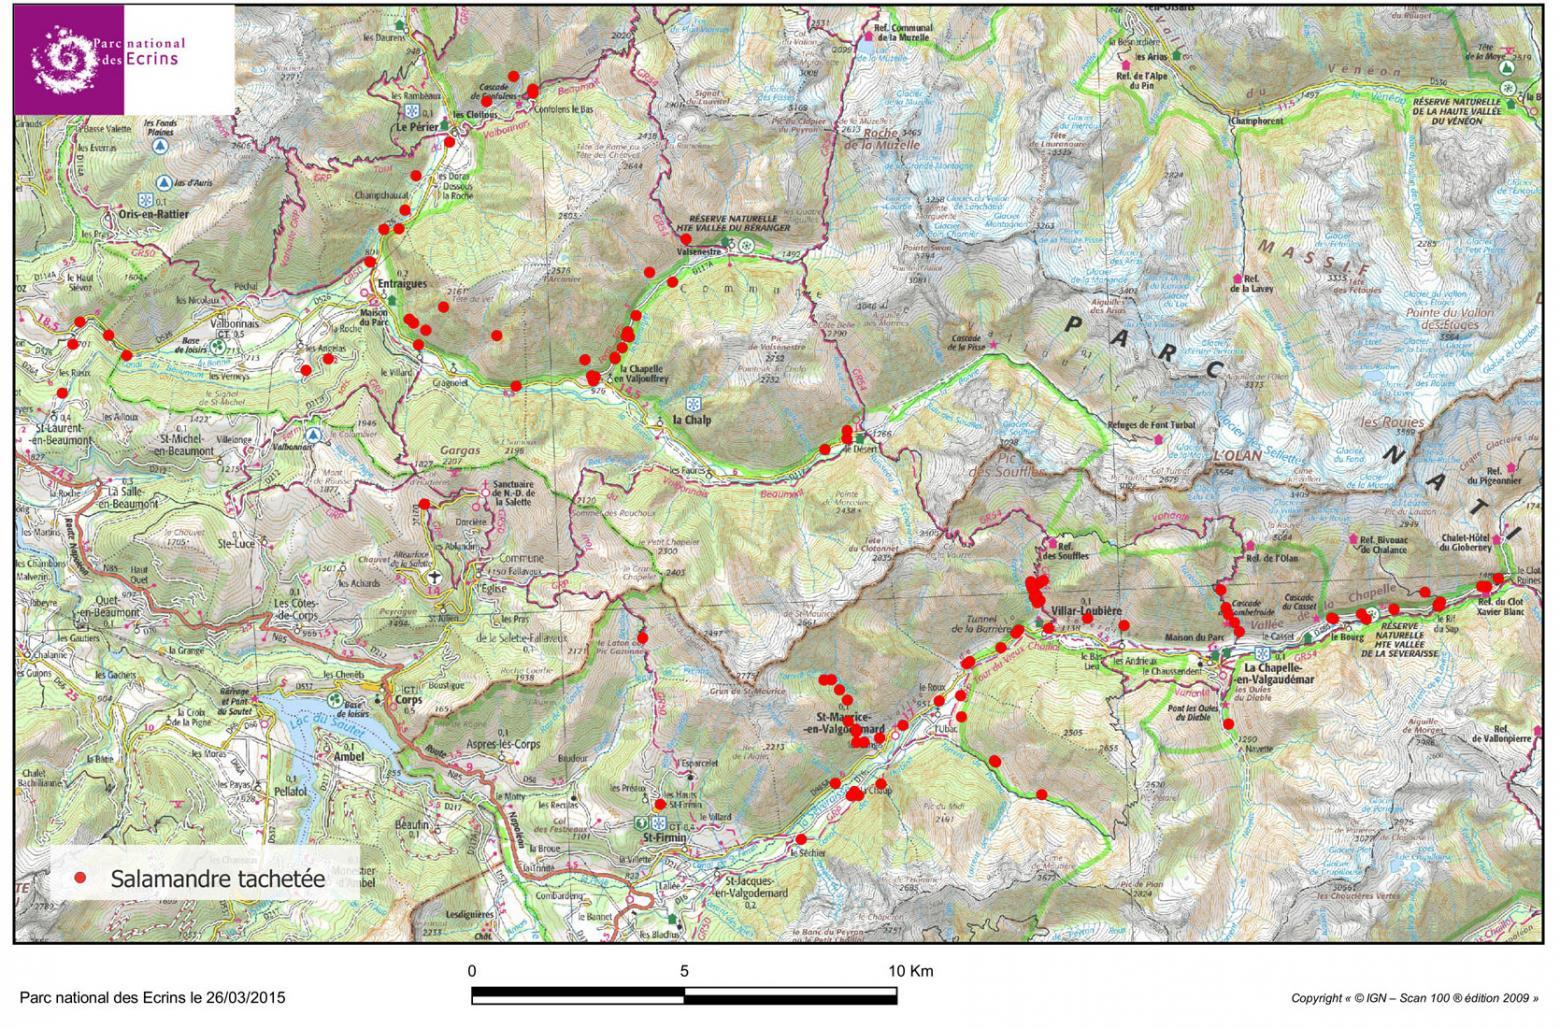 observations salamandre tachetée  - Parc national des Ecrins entre 2005 et mars 2015